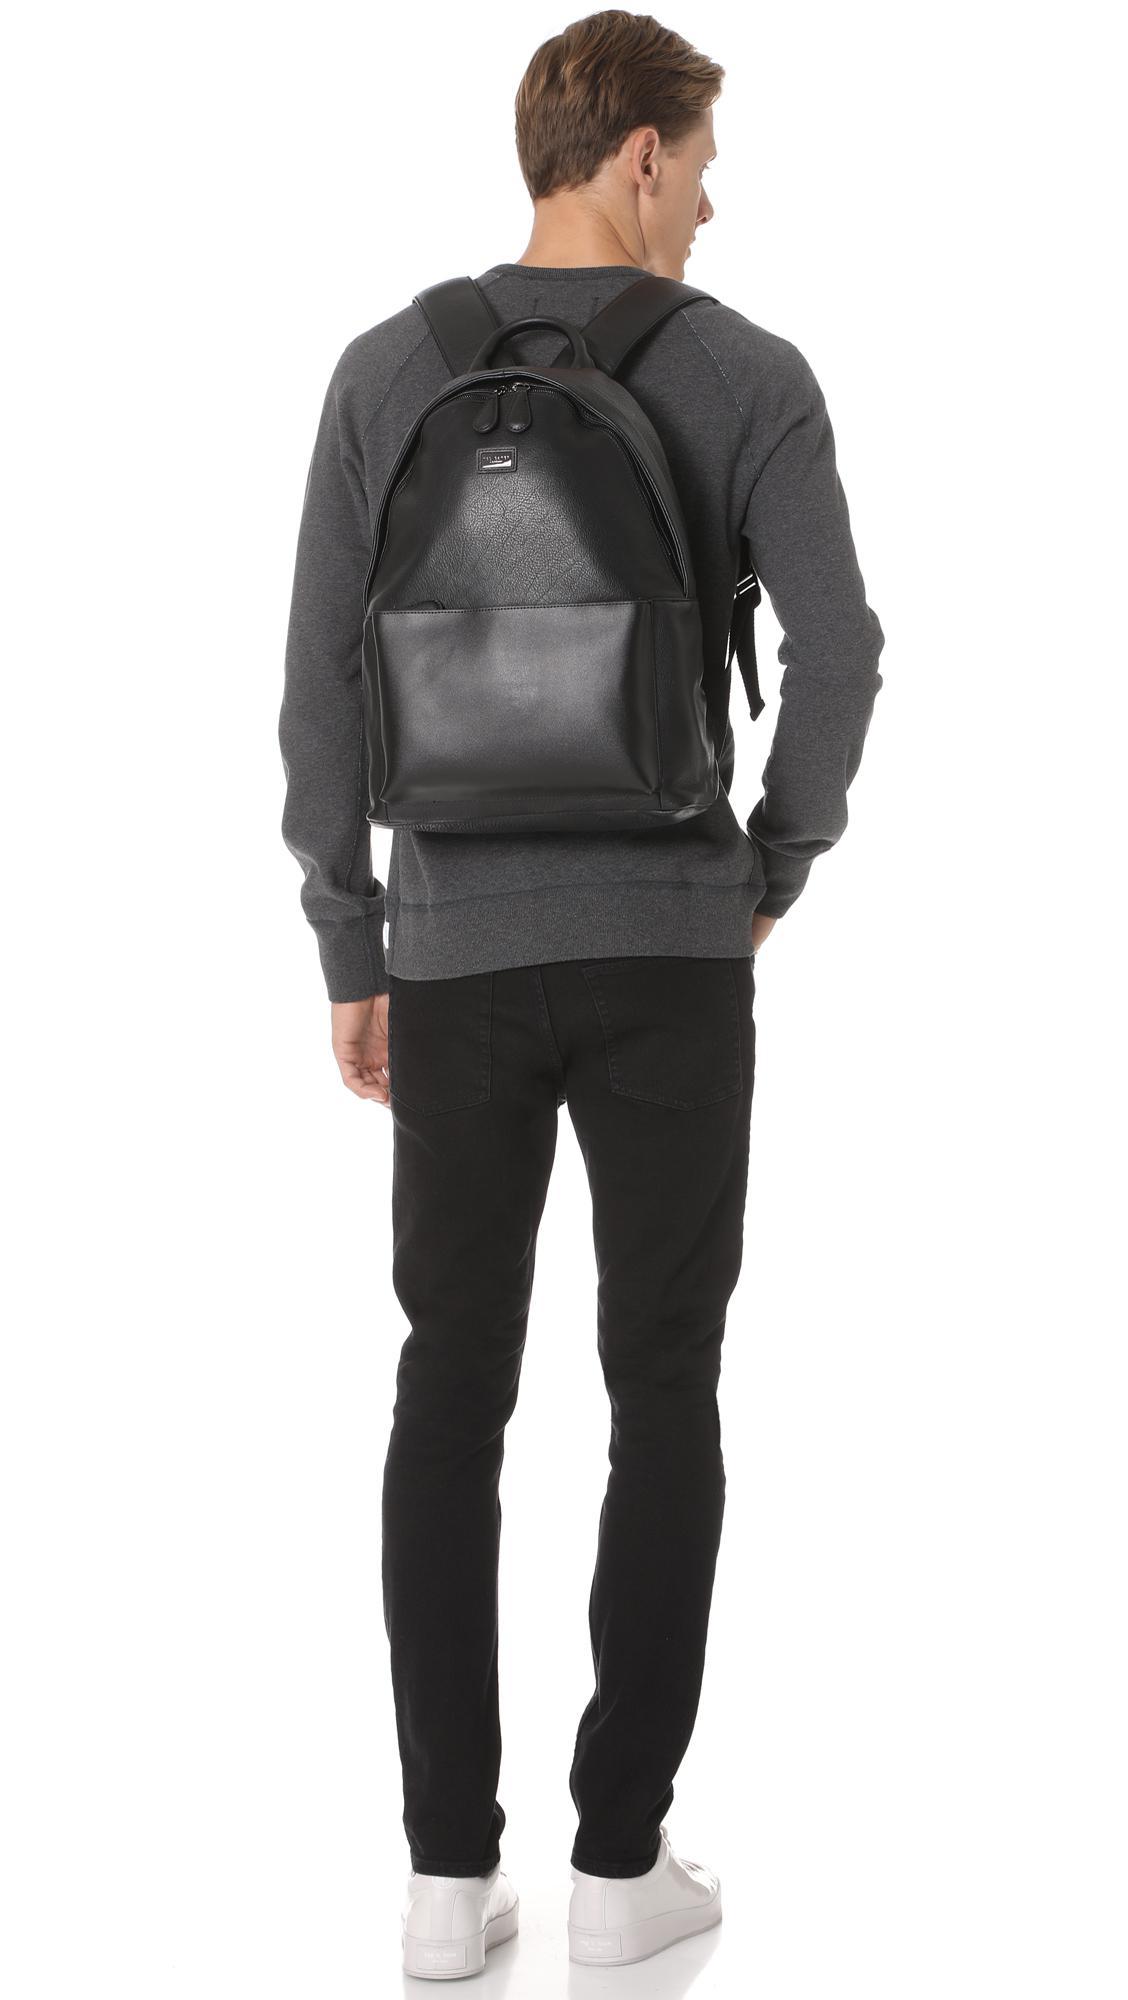 132882cfc0ea6 Lyst - Ted Baker Panthr Backpack in Black for Men